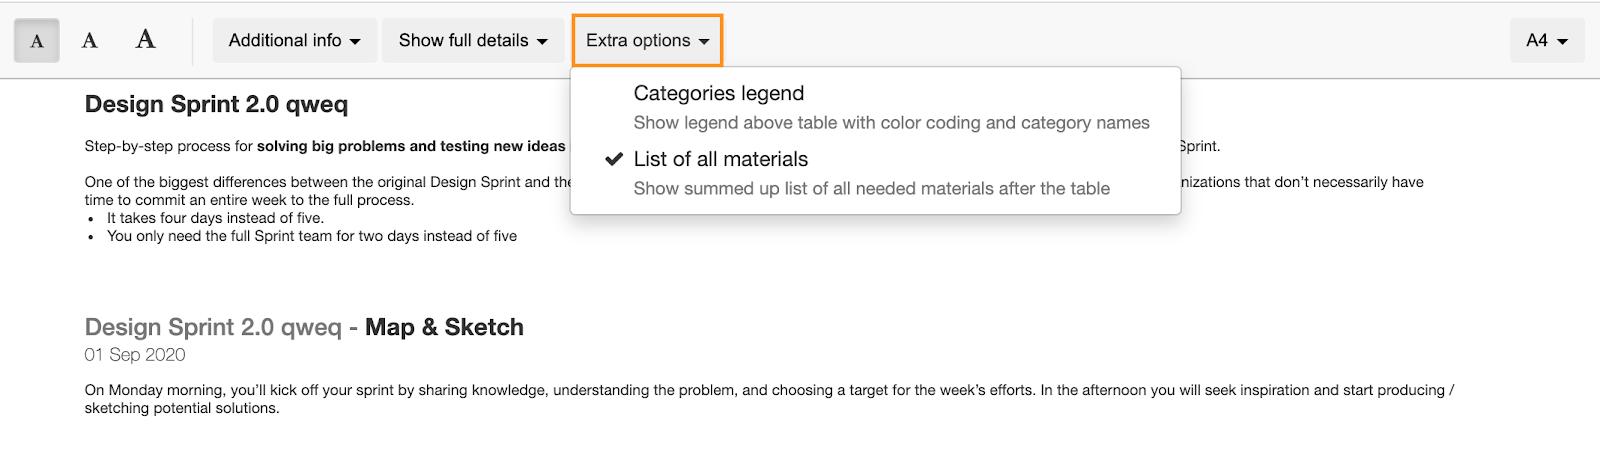 Color coding legend